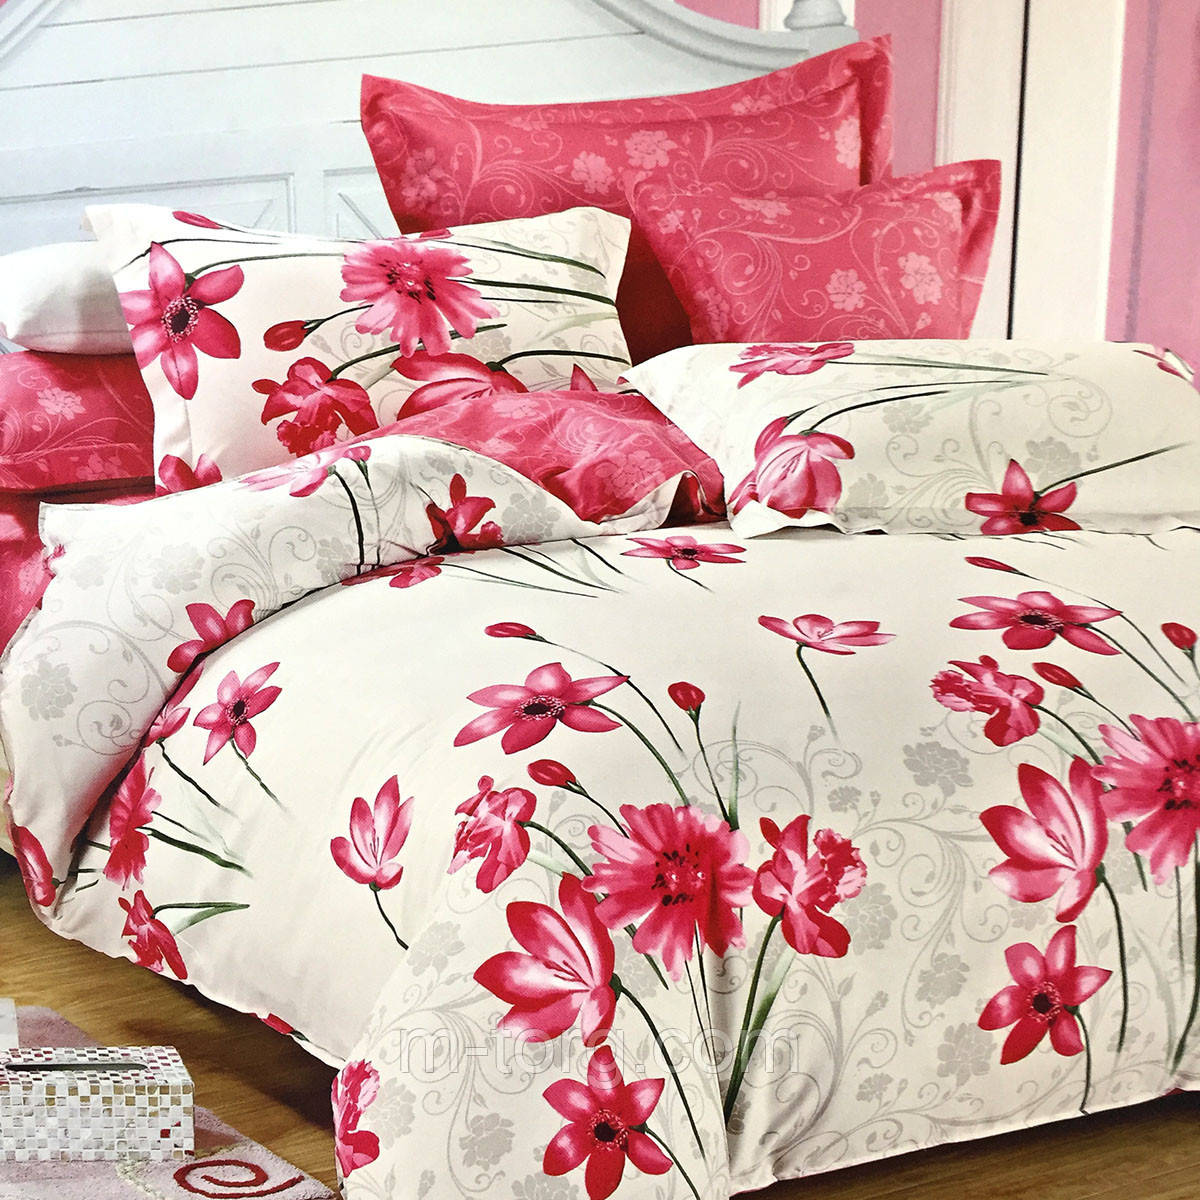 """""""нежное"""" постельное белье Elway Premium евро размер 200*220 см, ткань сатин 100% хлопок"""